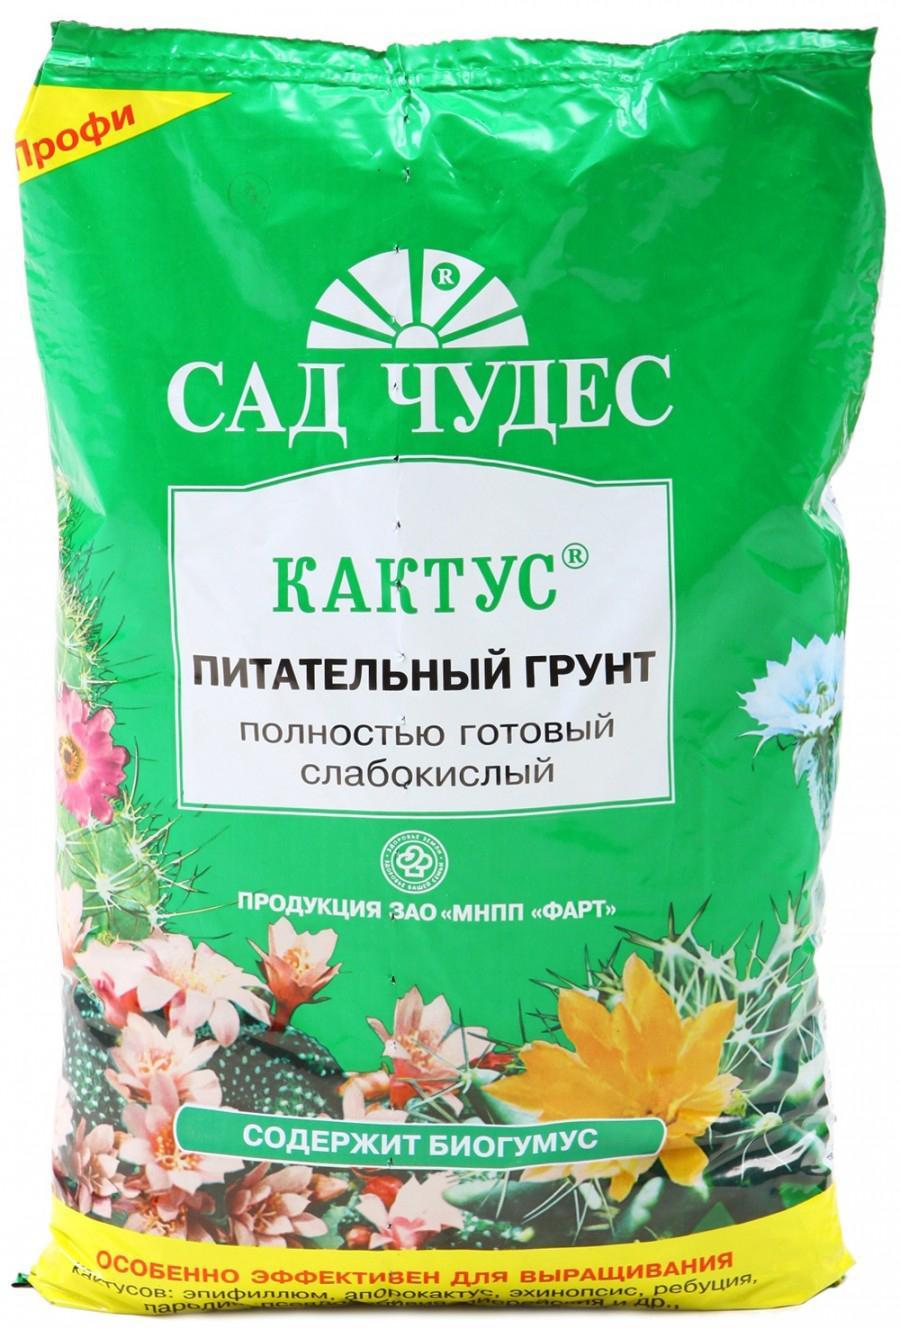 Как сделать грунт для кактусов в домашних условиях